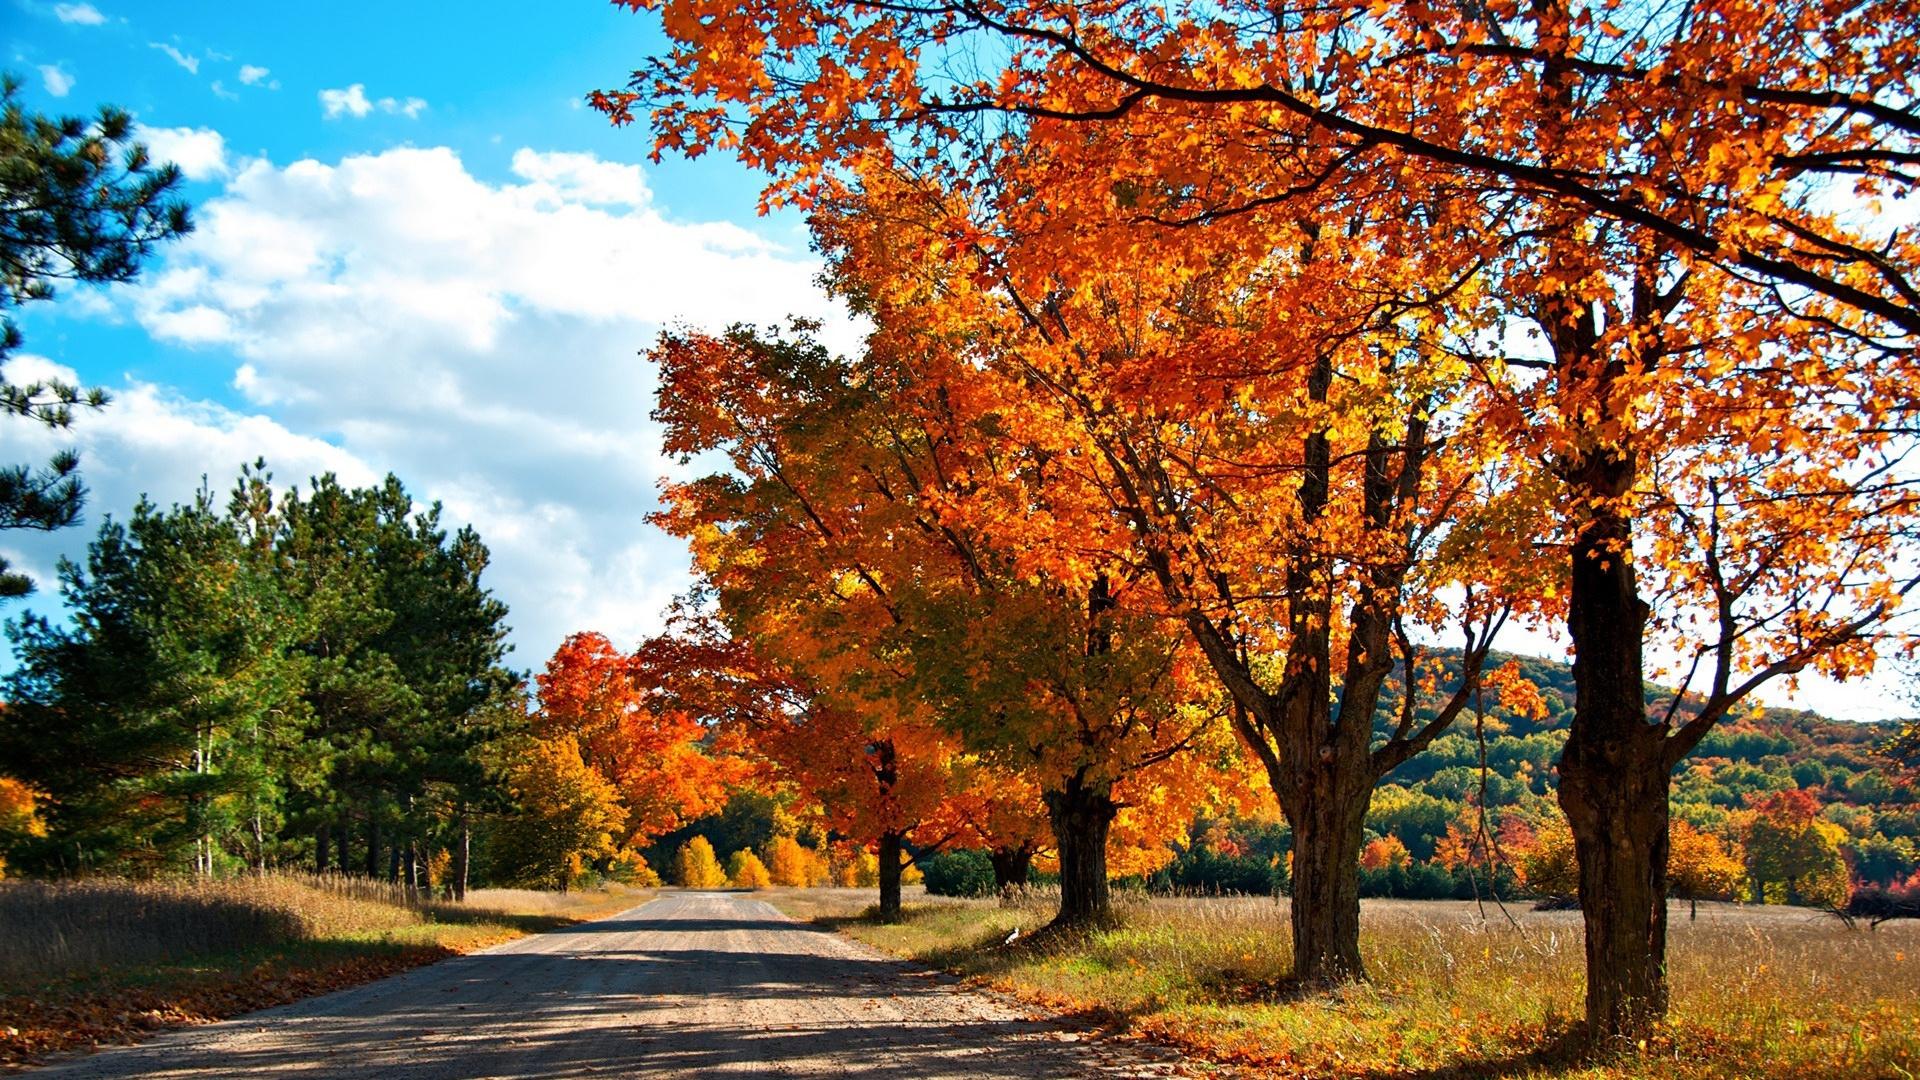 37204 скачать обои Пейзаж, Дороги, Осень - заставки и картинки бесплатно